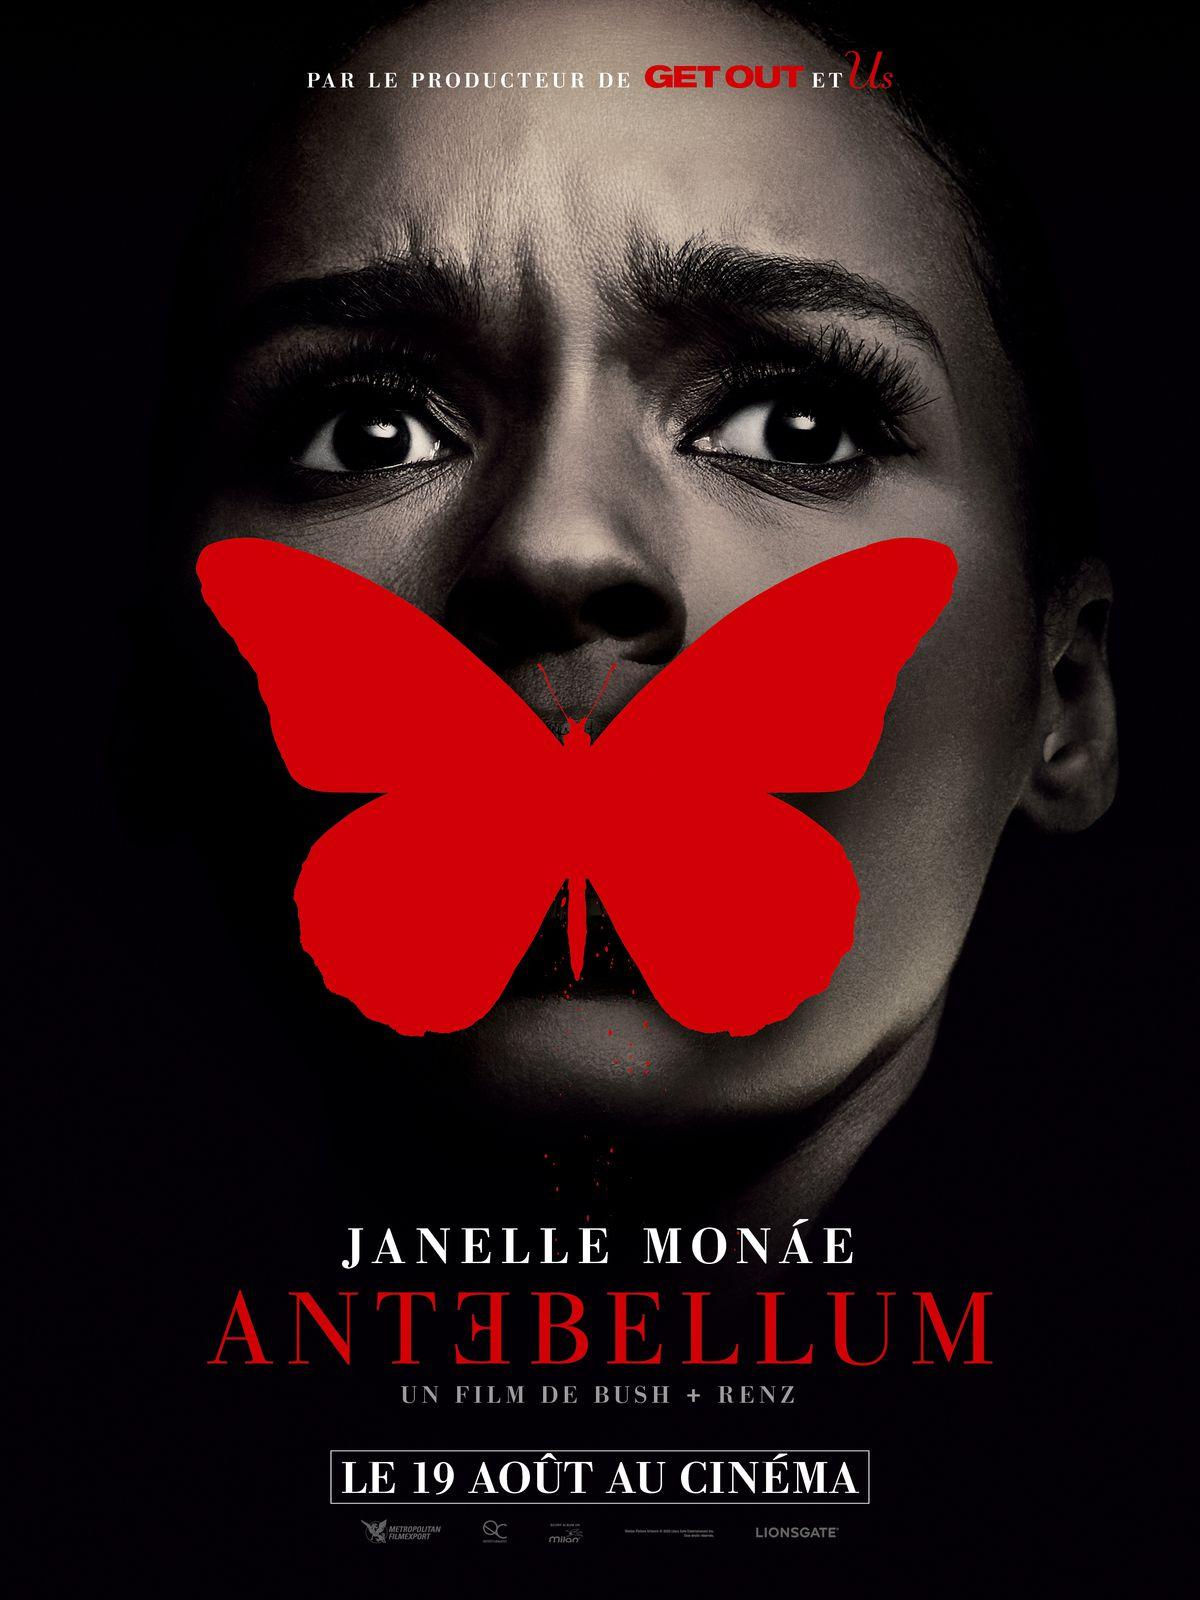 ANTEBELLUM : Nouvelle date de sortie ! Le 19 Août au Cinéma